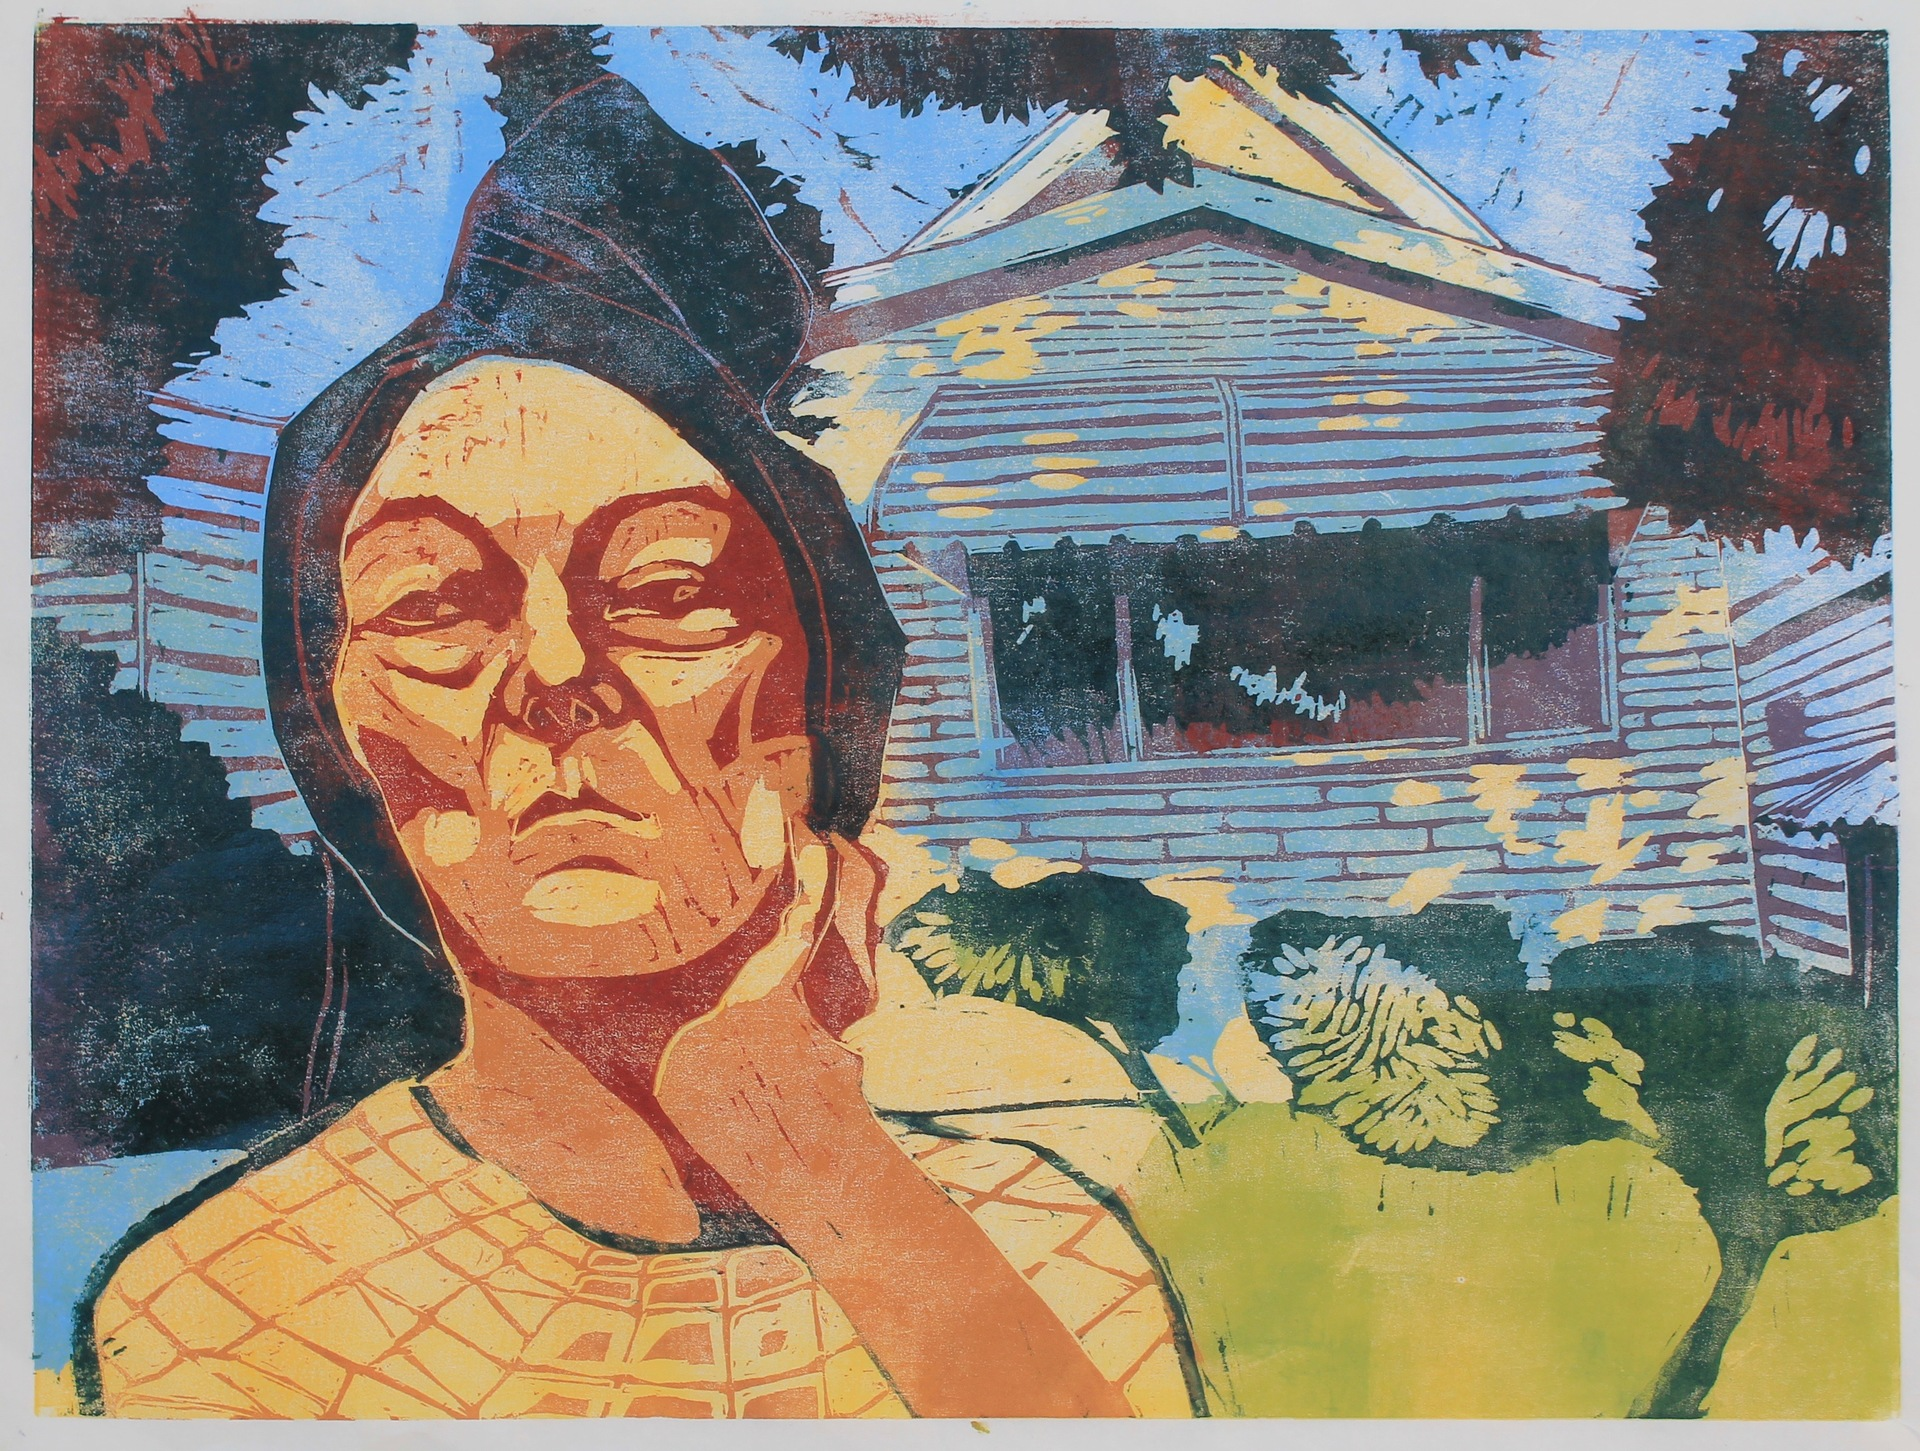 House Number 255, Nina Jordan